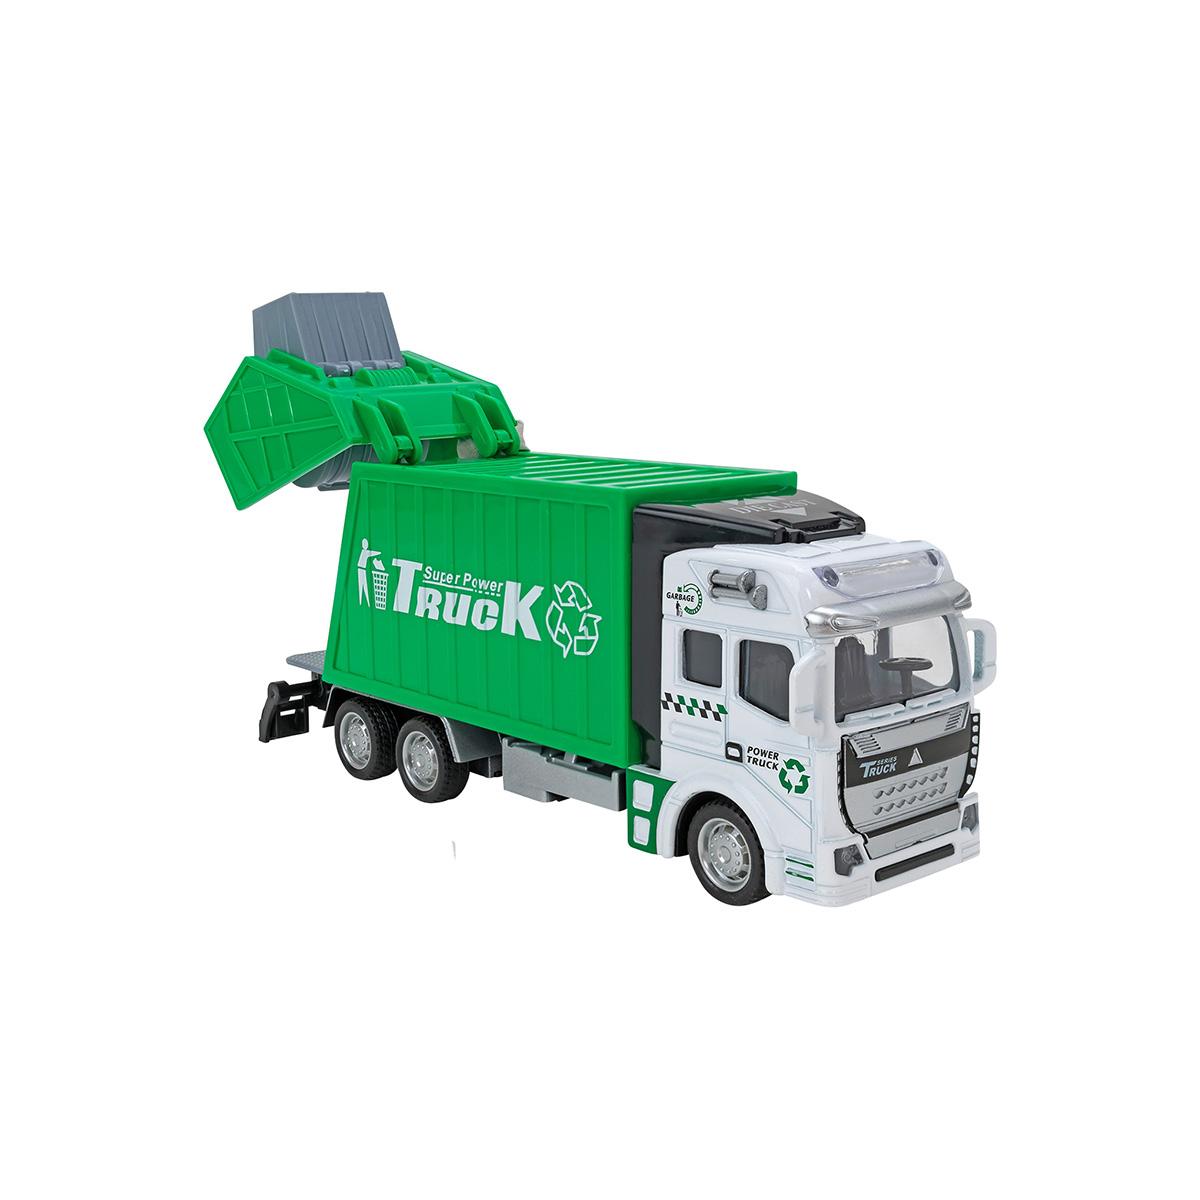 Camion de Gunoi Globo Die Cast Pull Back & Go, Verde